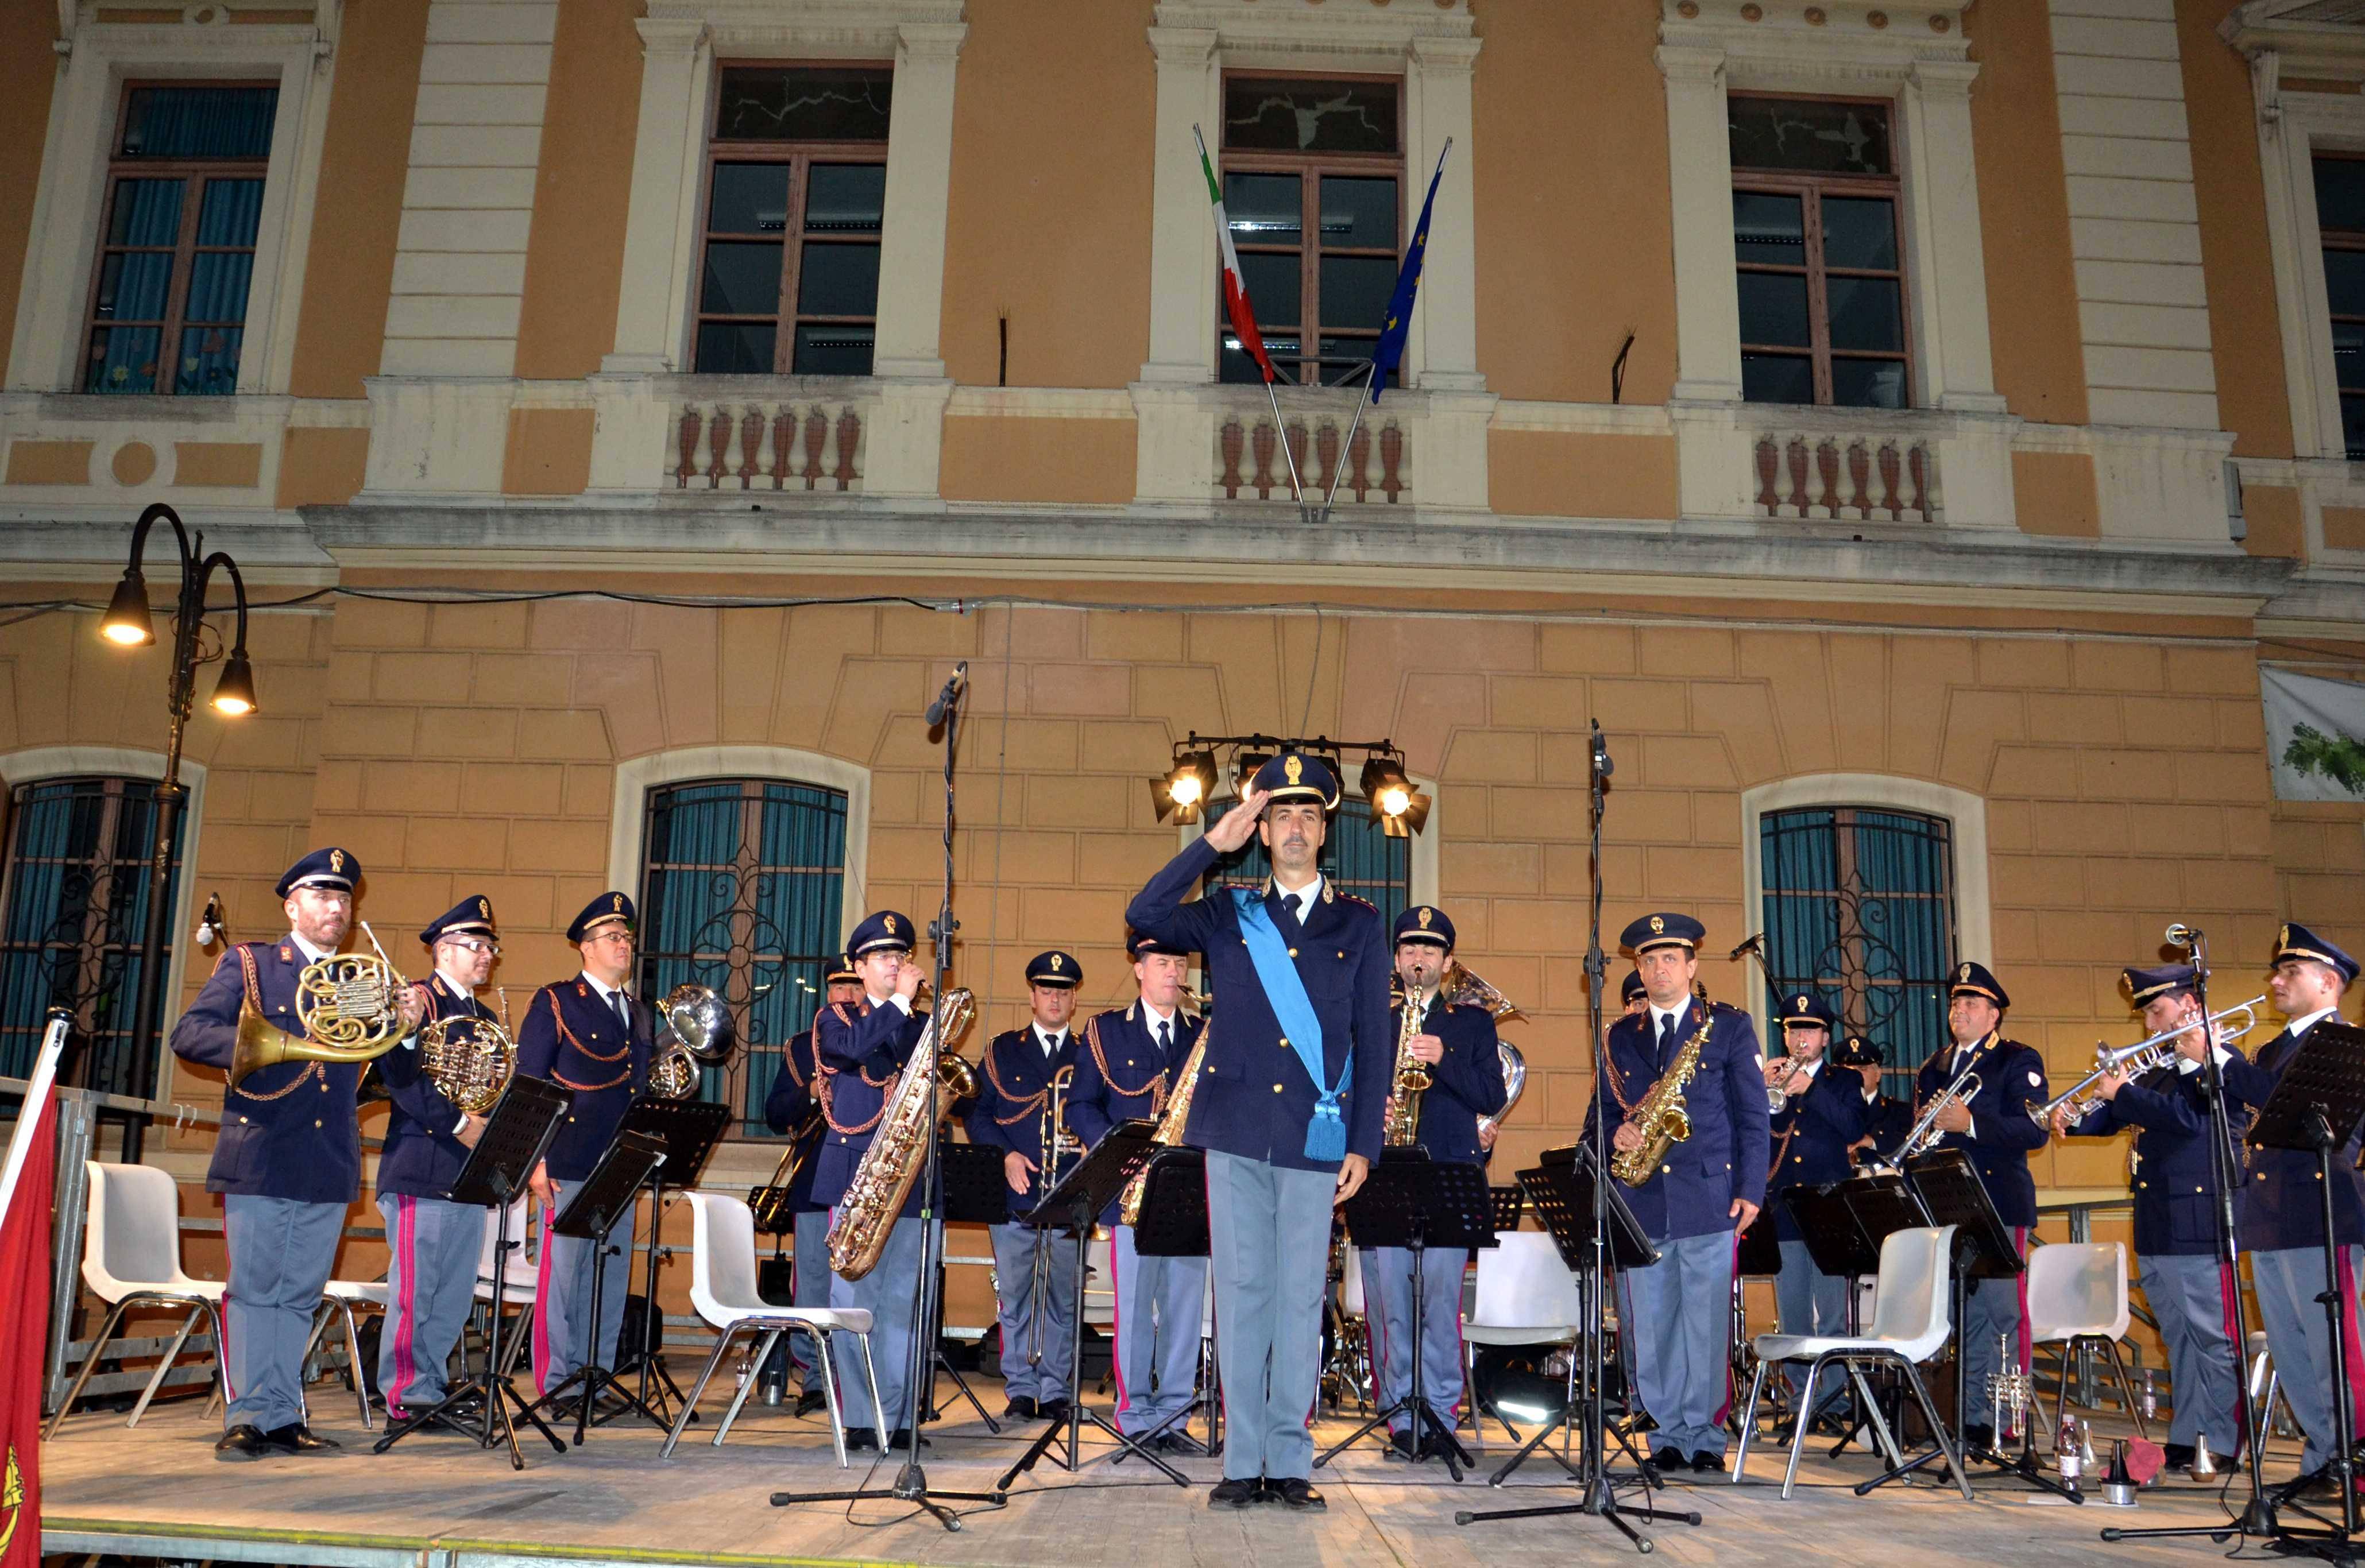 La Polizia di Stato celebra il patrono San Michele con la Banda a Santarcangelo